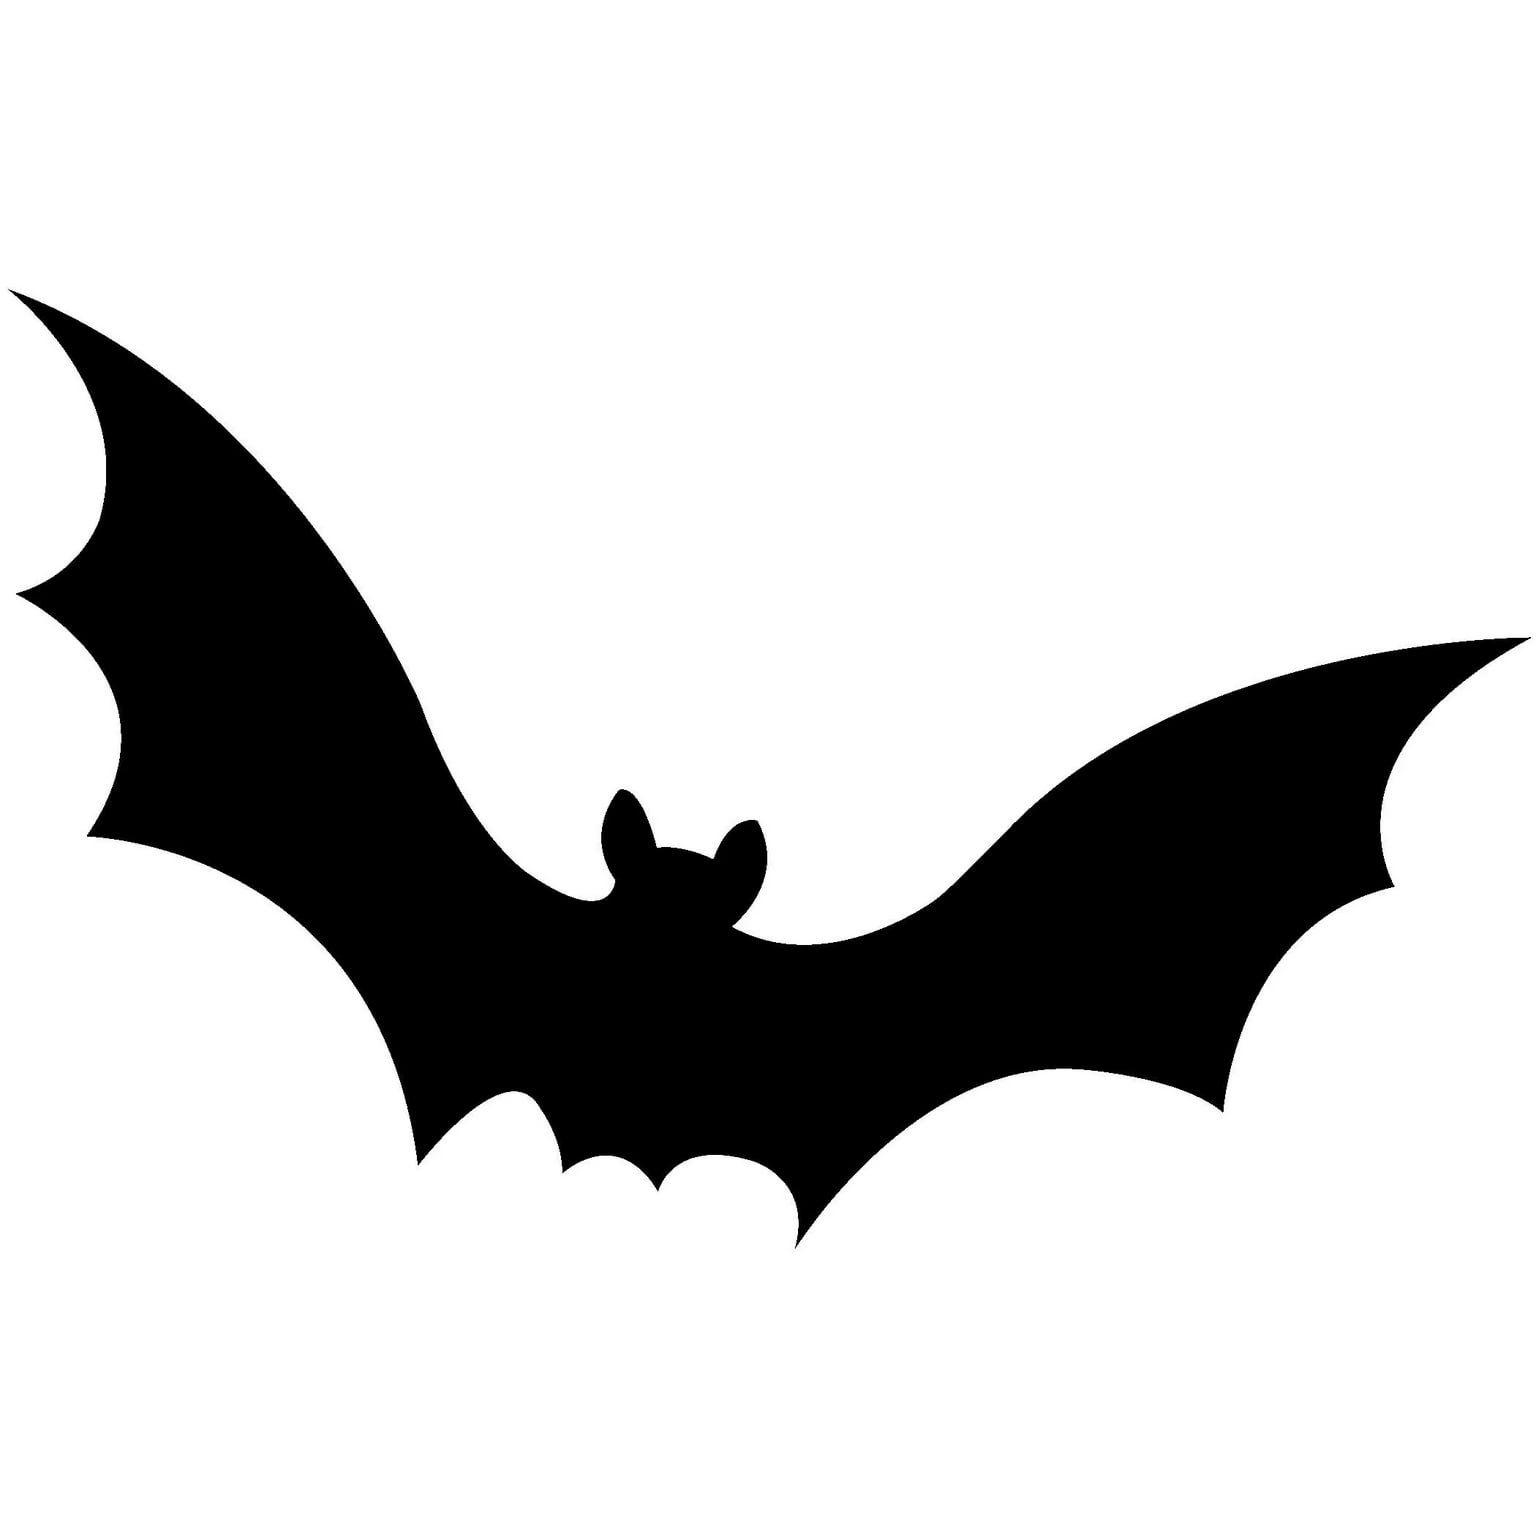 Летучие мыши : лучшие изображения (32учие мыши, Хэллоуин